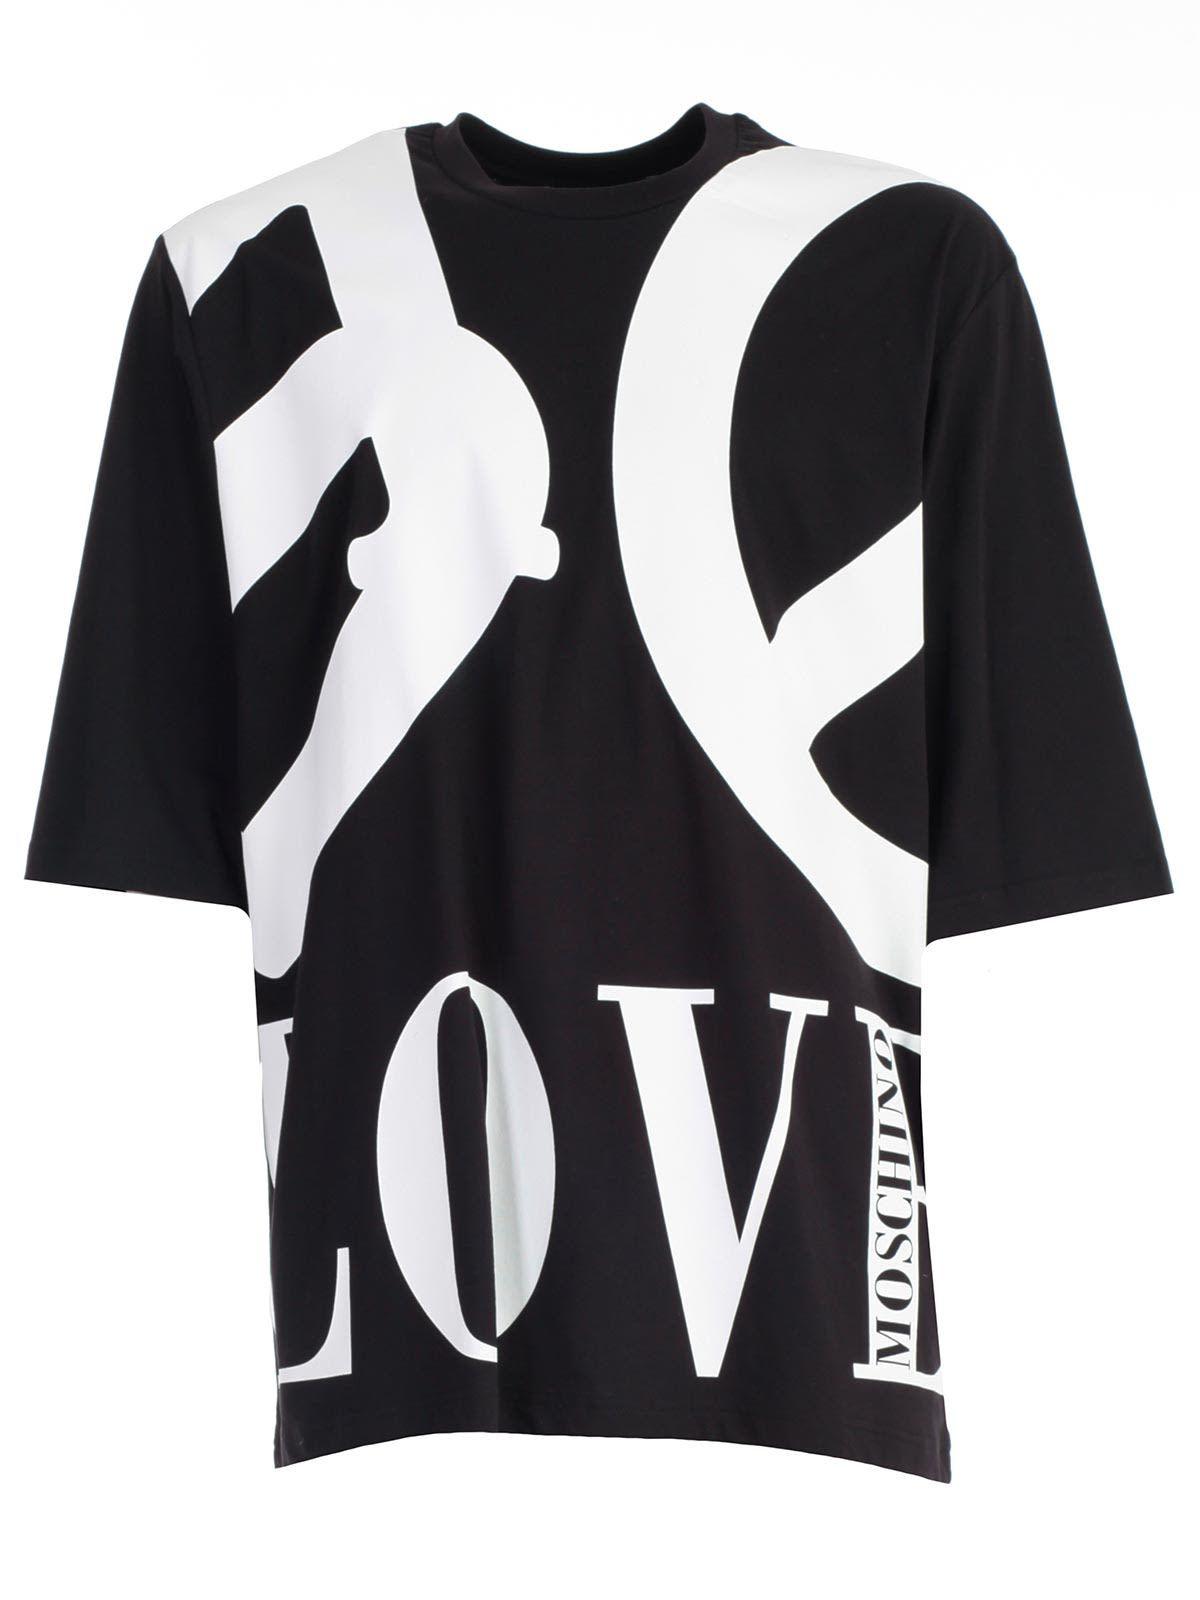 Love Moschino T Shirt Lovemoschino Cloth Moschino T Shirt Black